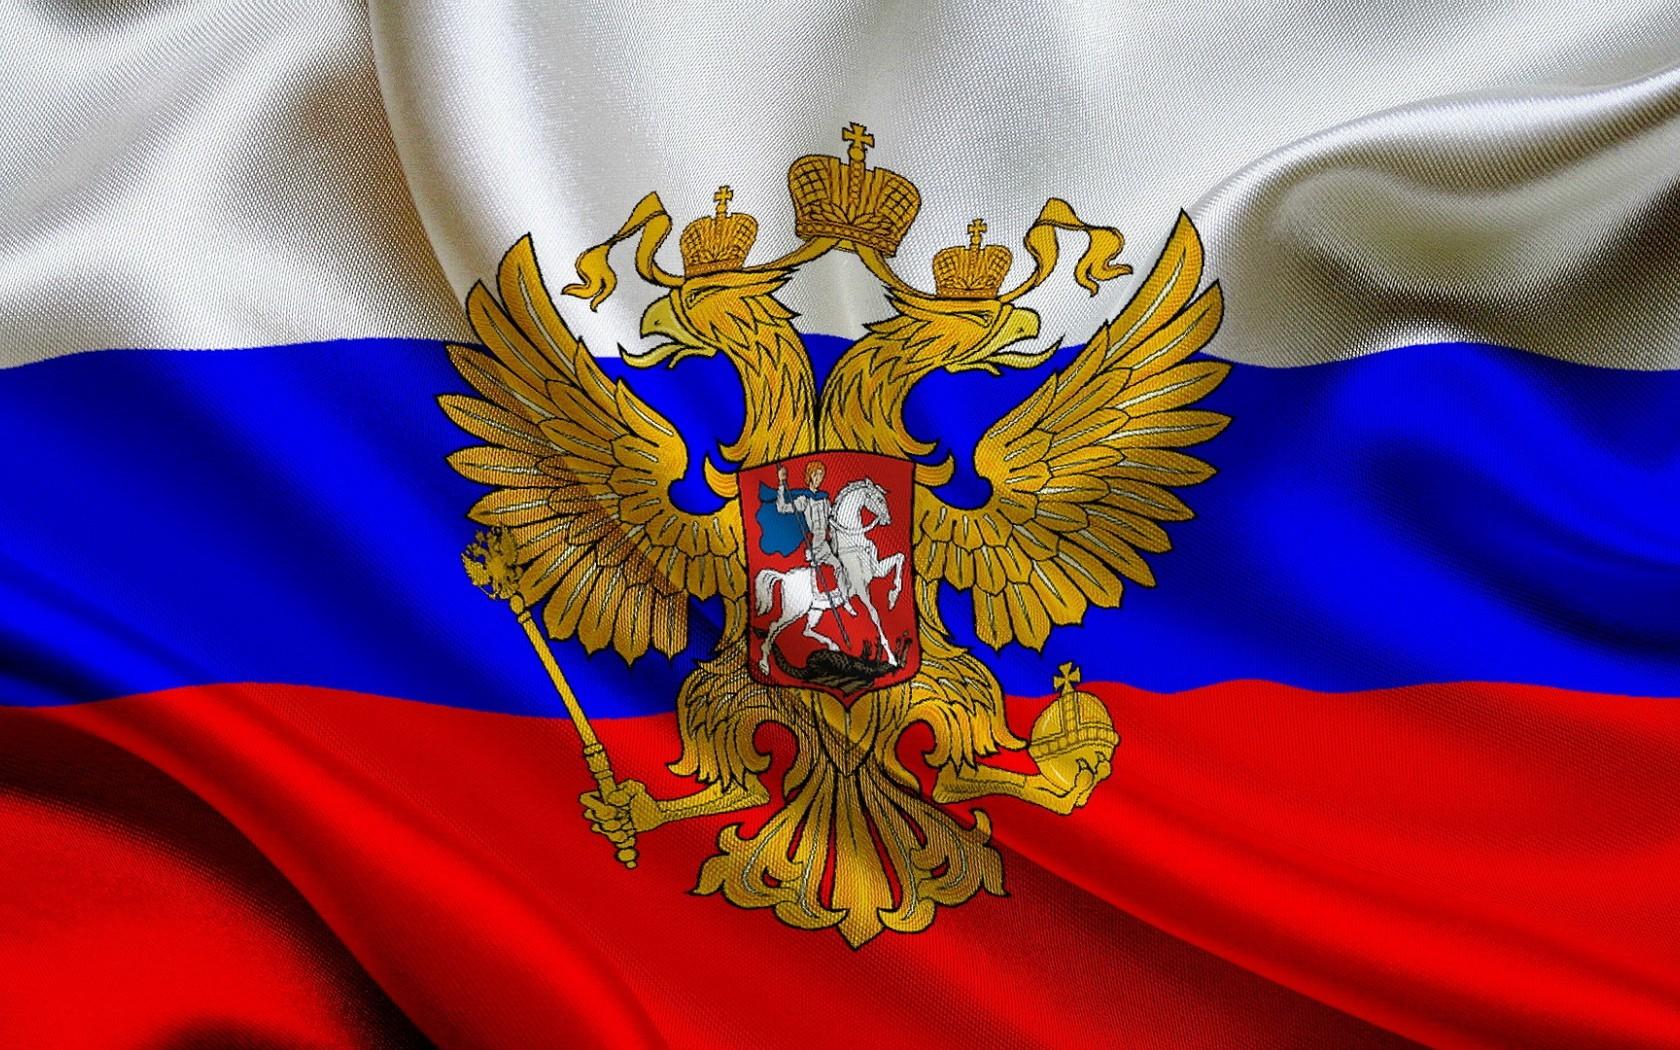 Большинство граждан России нехотят менять политику страны из-за санкций— Опрос